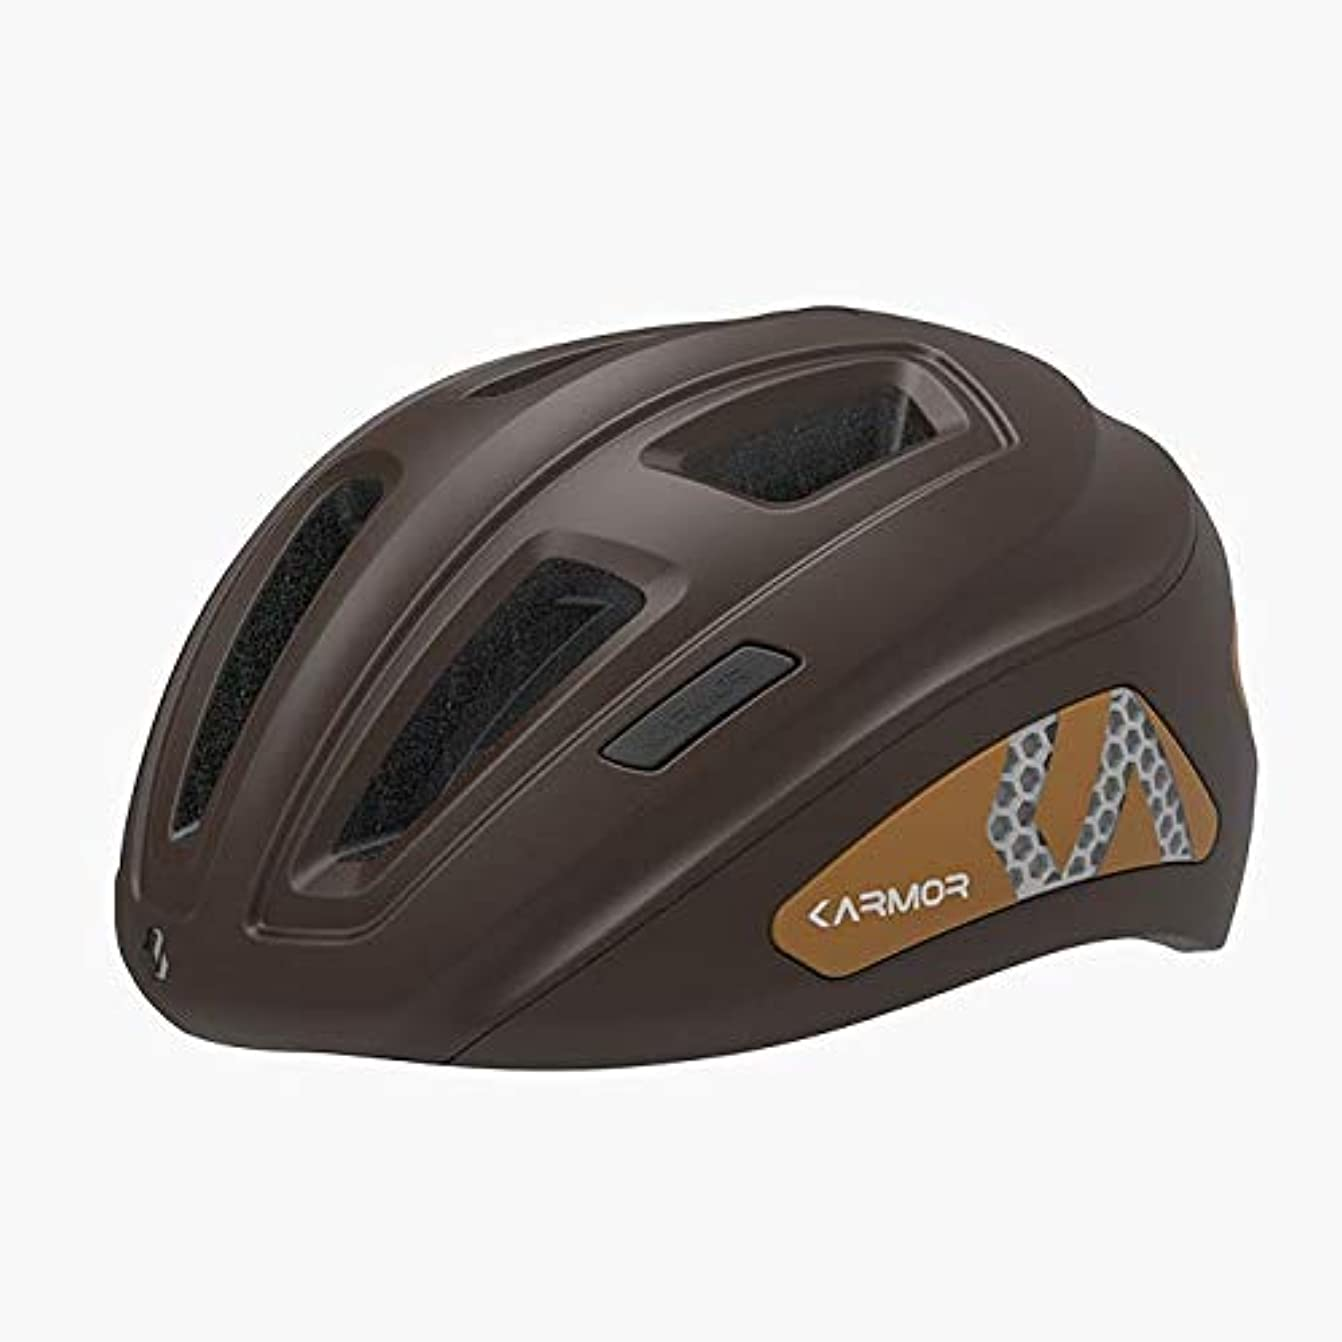 サークル請願者にやにやKARMOR(カーマー) PRENDA(プレンダ) アーバン ヘルメット アジアンフィット オータムブラウン